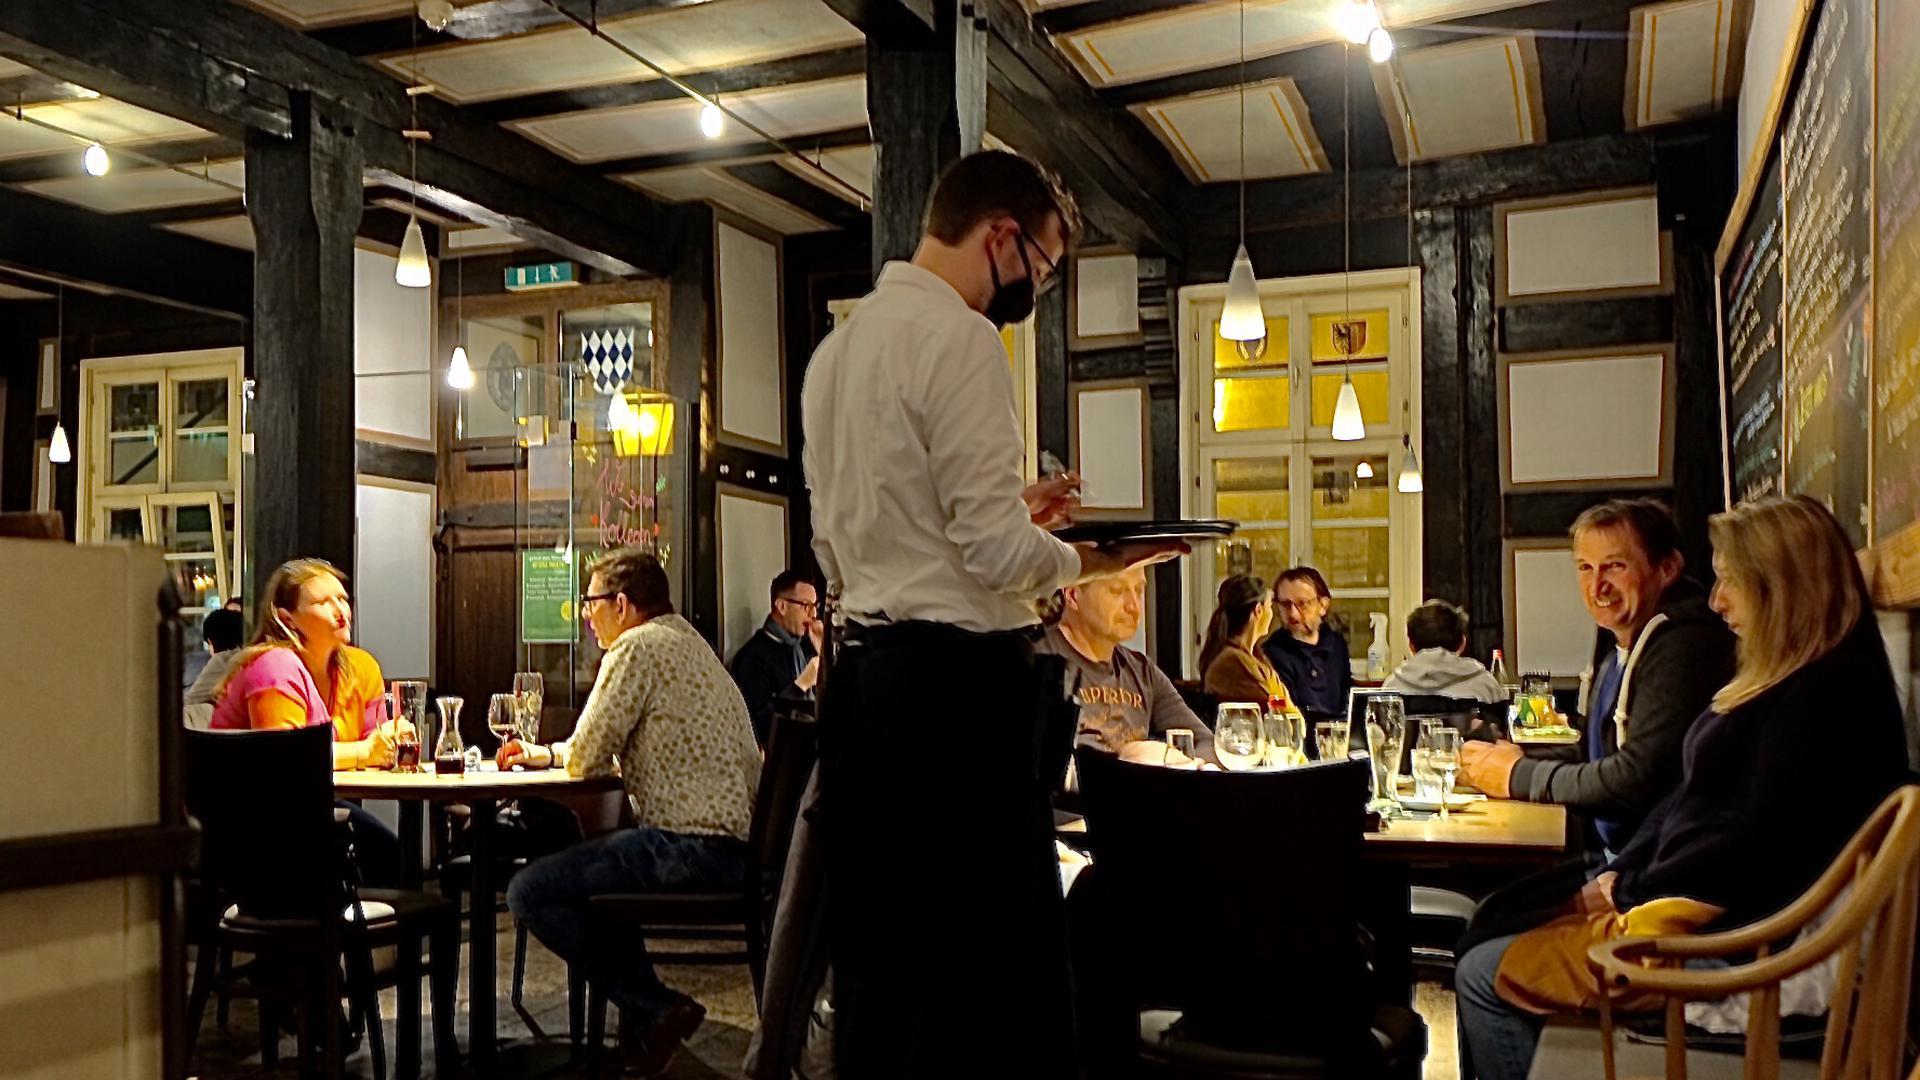 Menschen in einem Restaurant